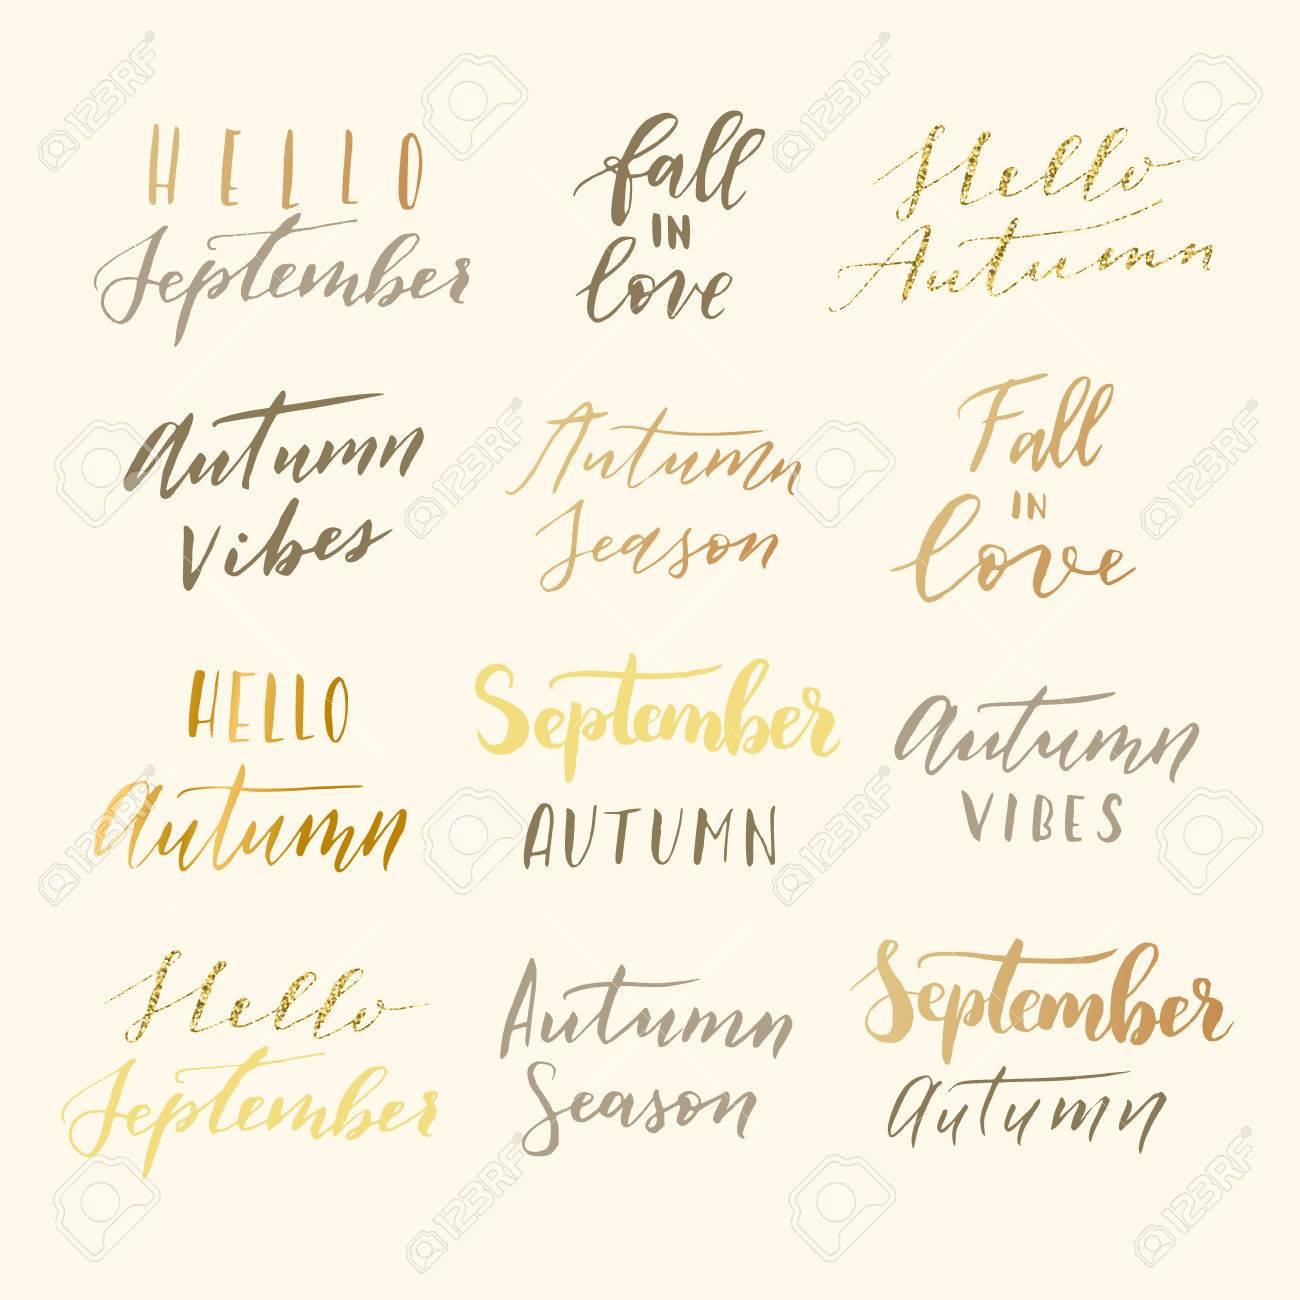 Vector Hand Drawn Hello September Hallo Autumn Autumn Vibes